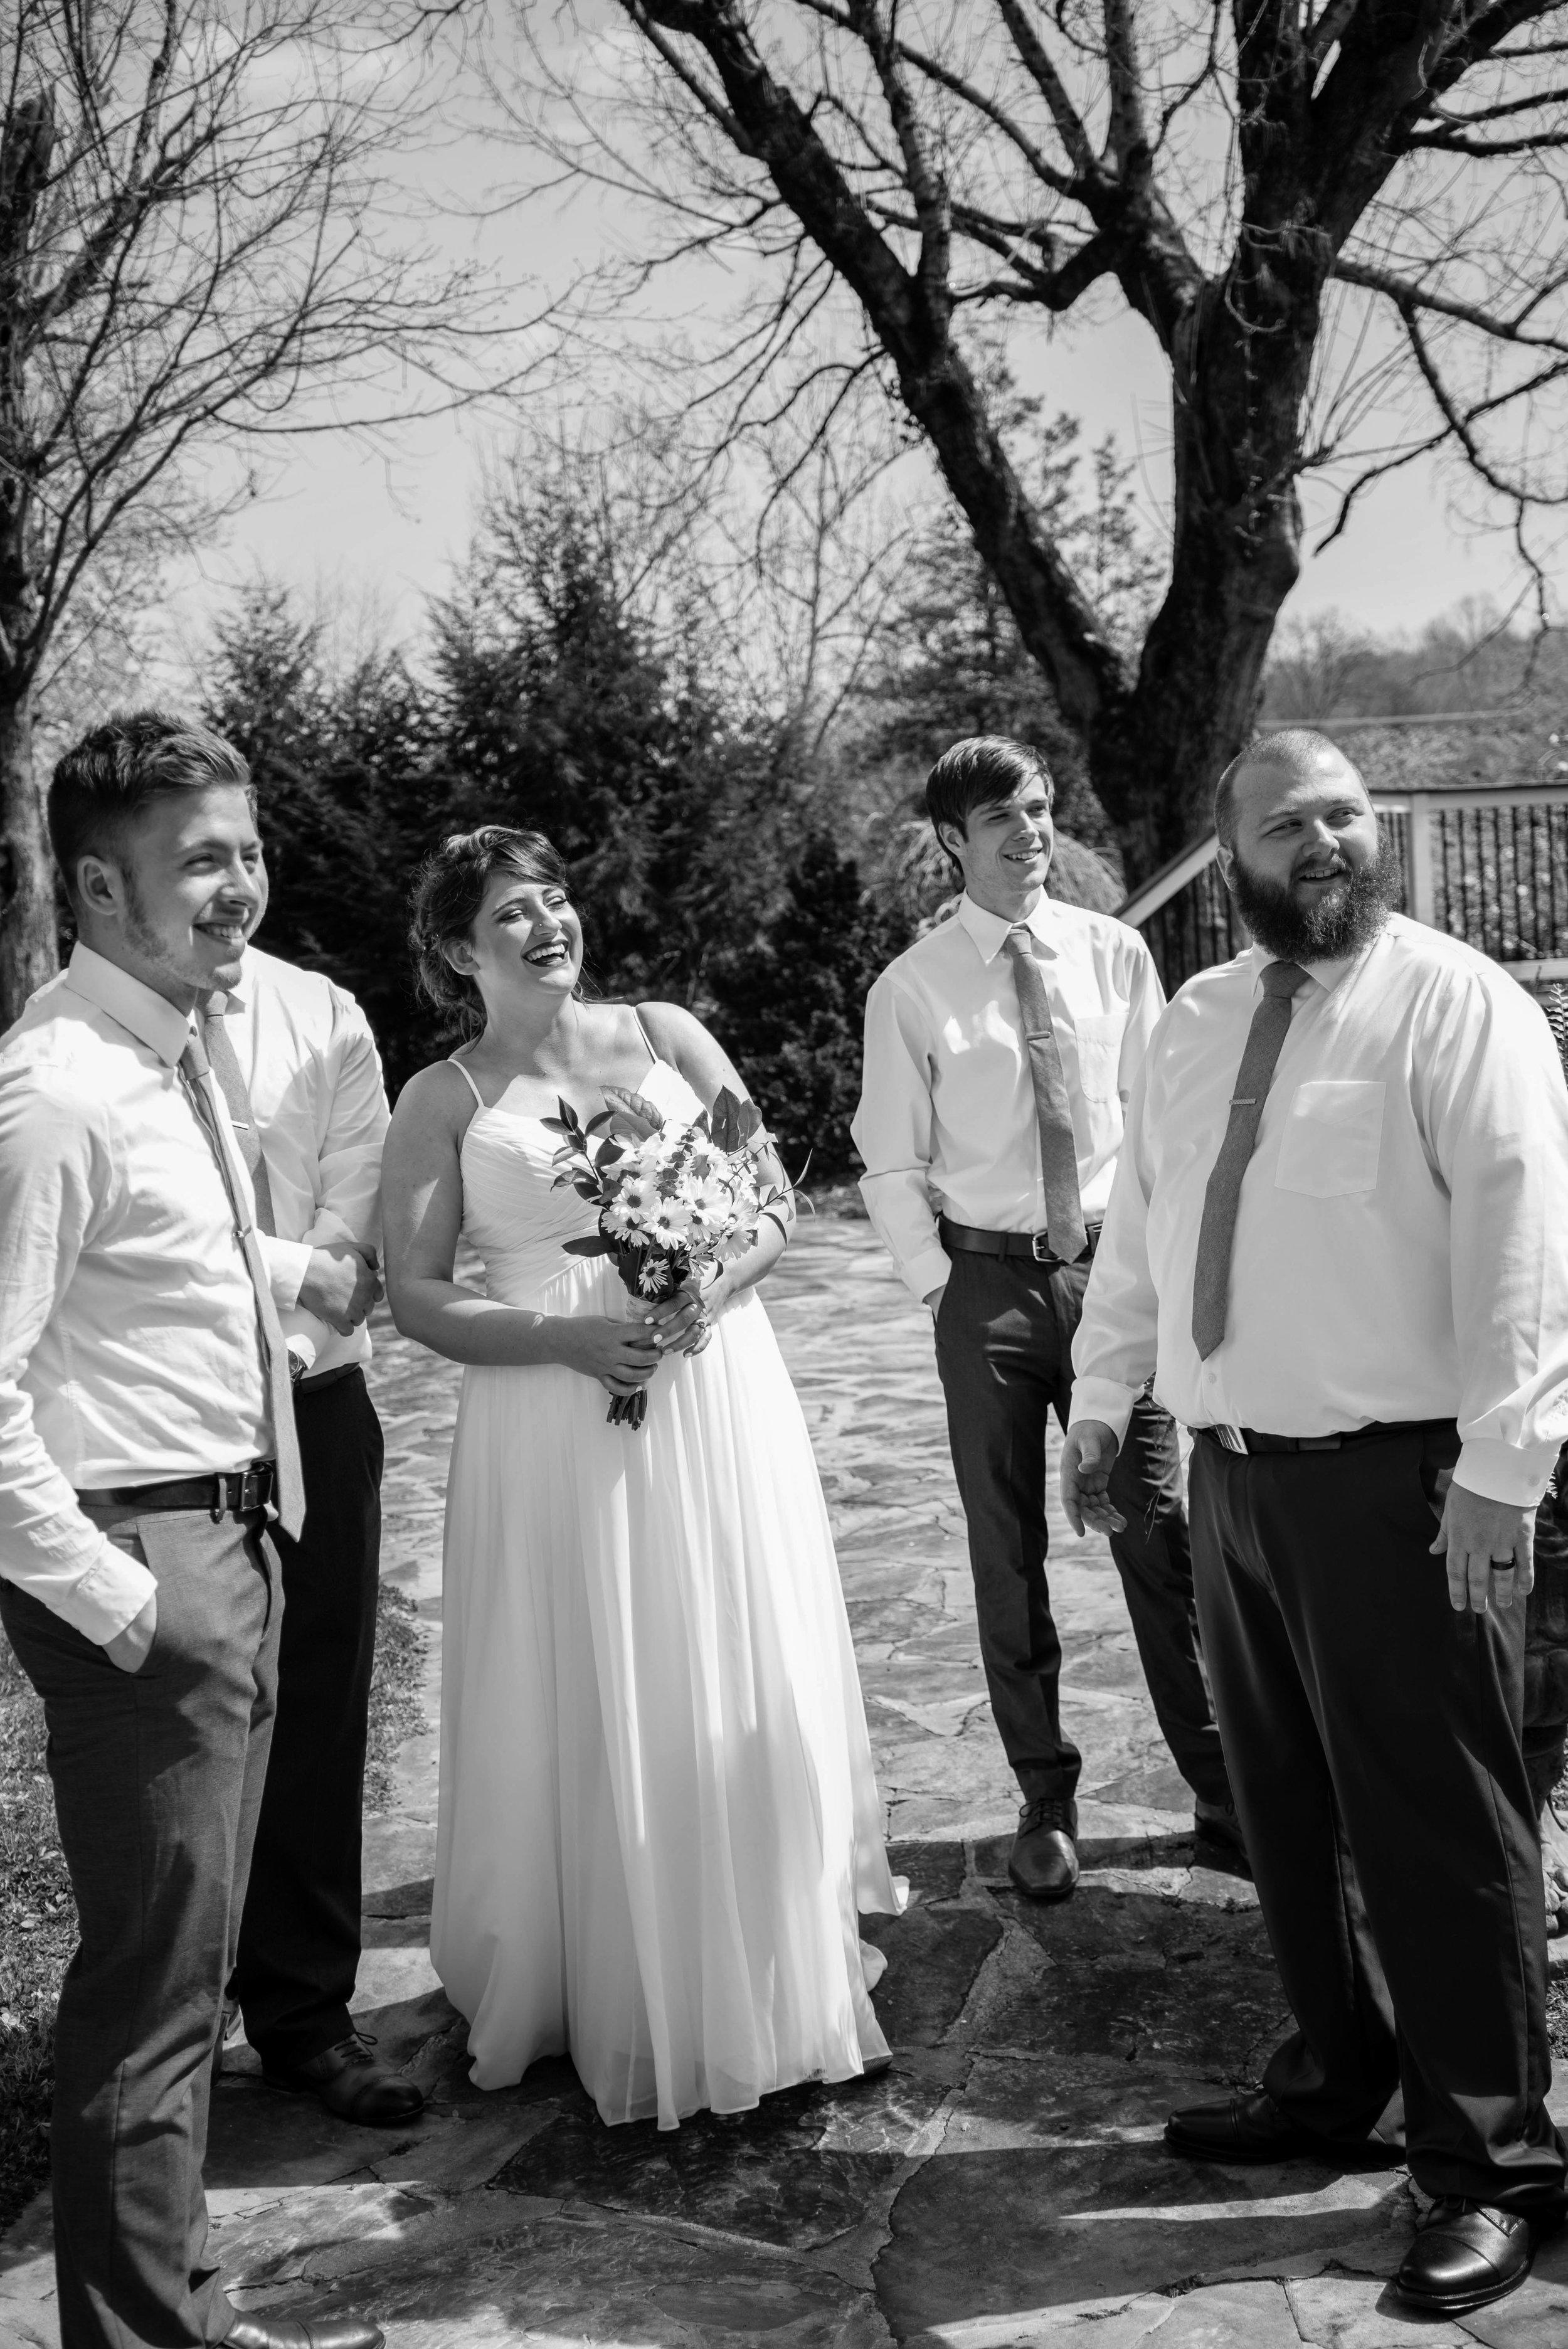 weddingpartyb&w-018.jpg